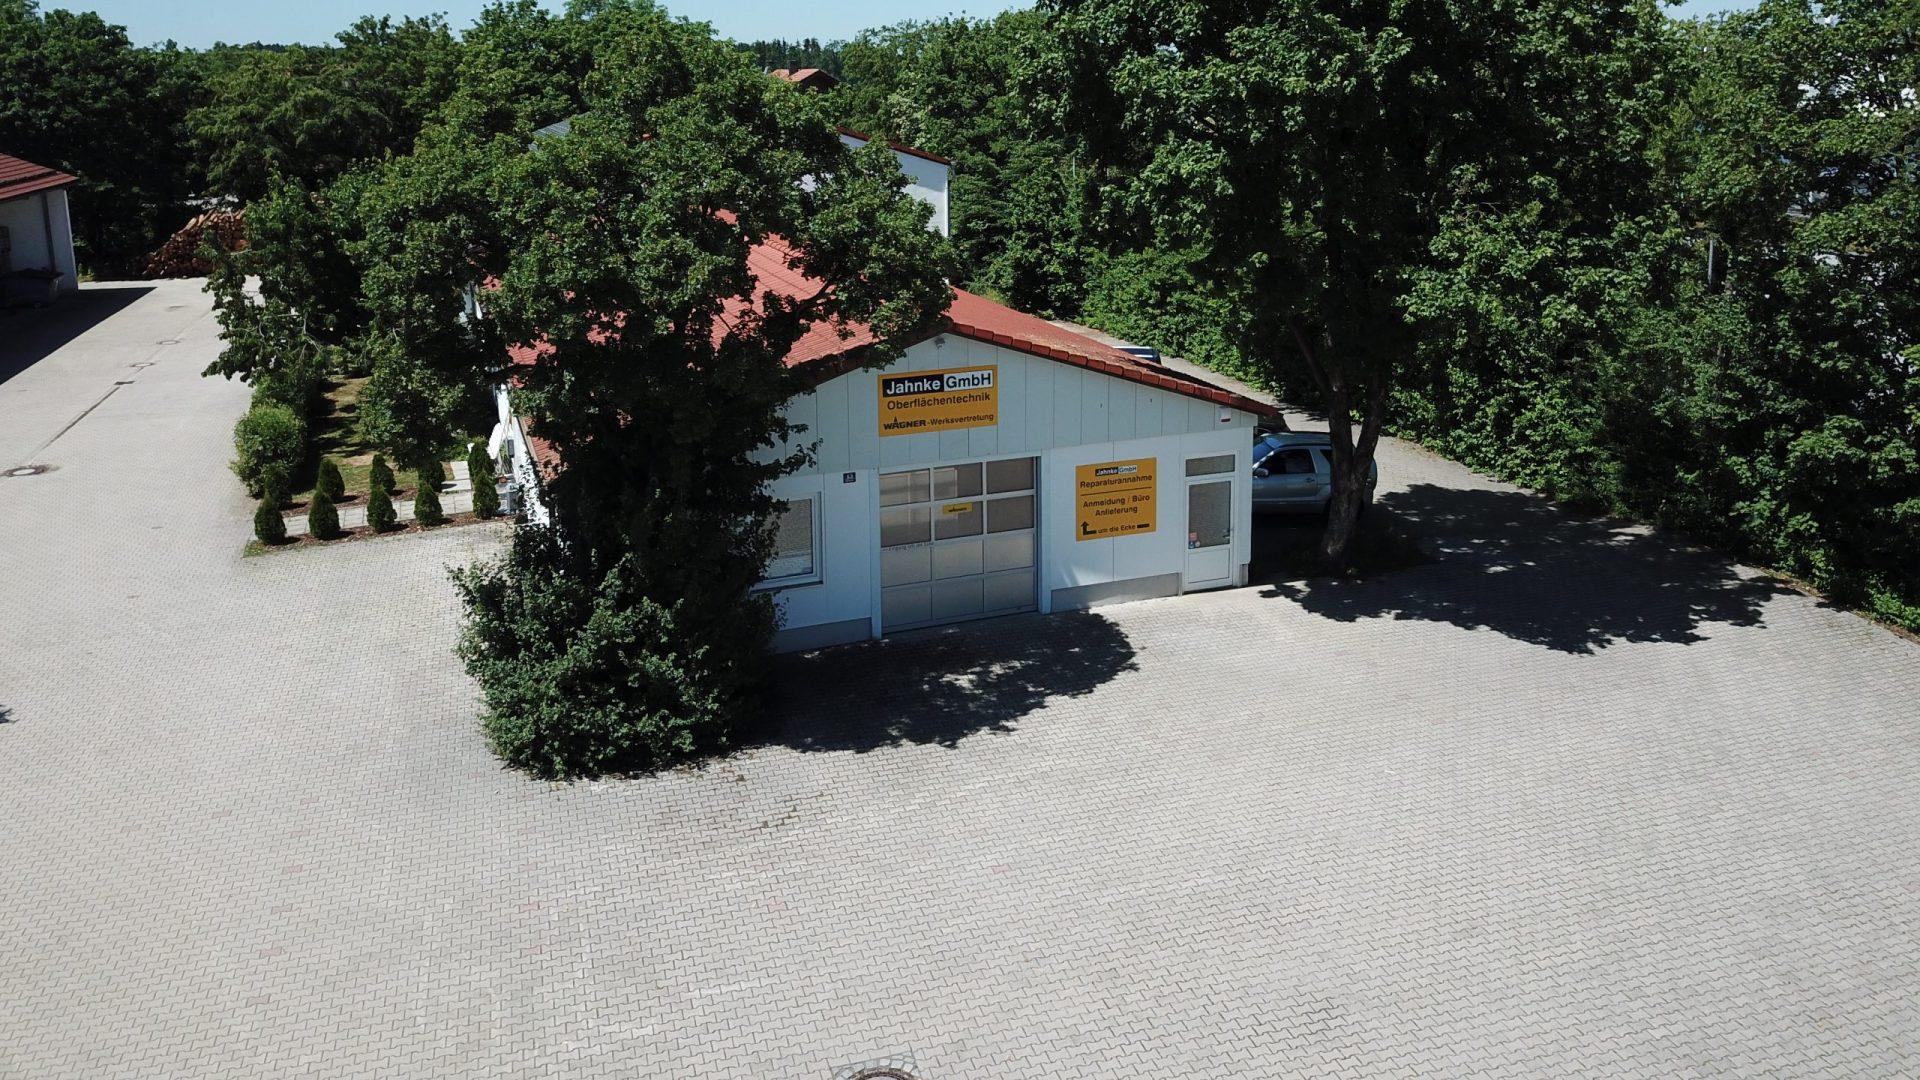 Jahnke GmbH